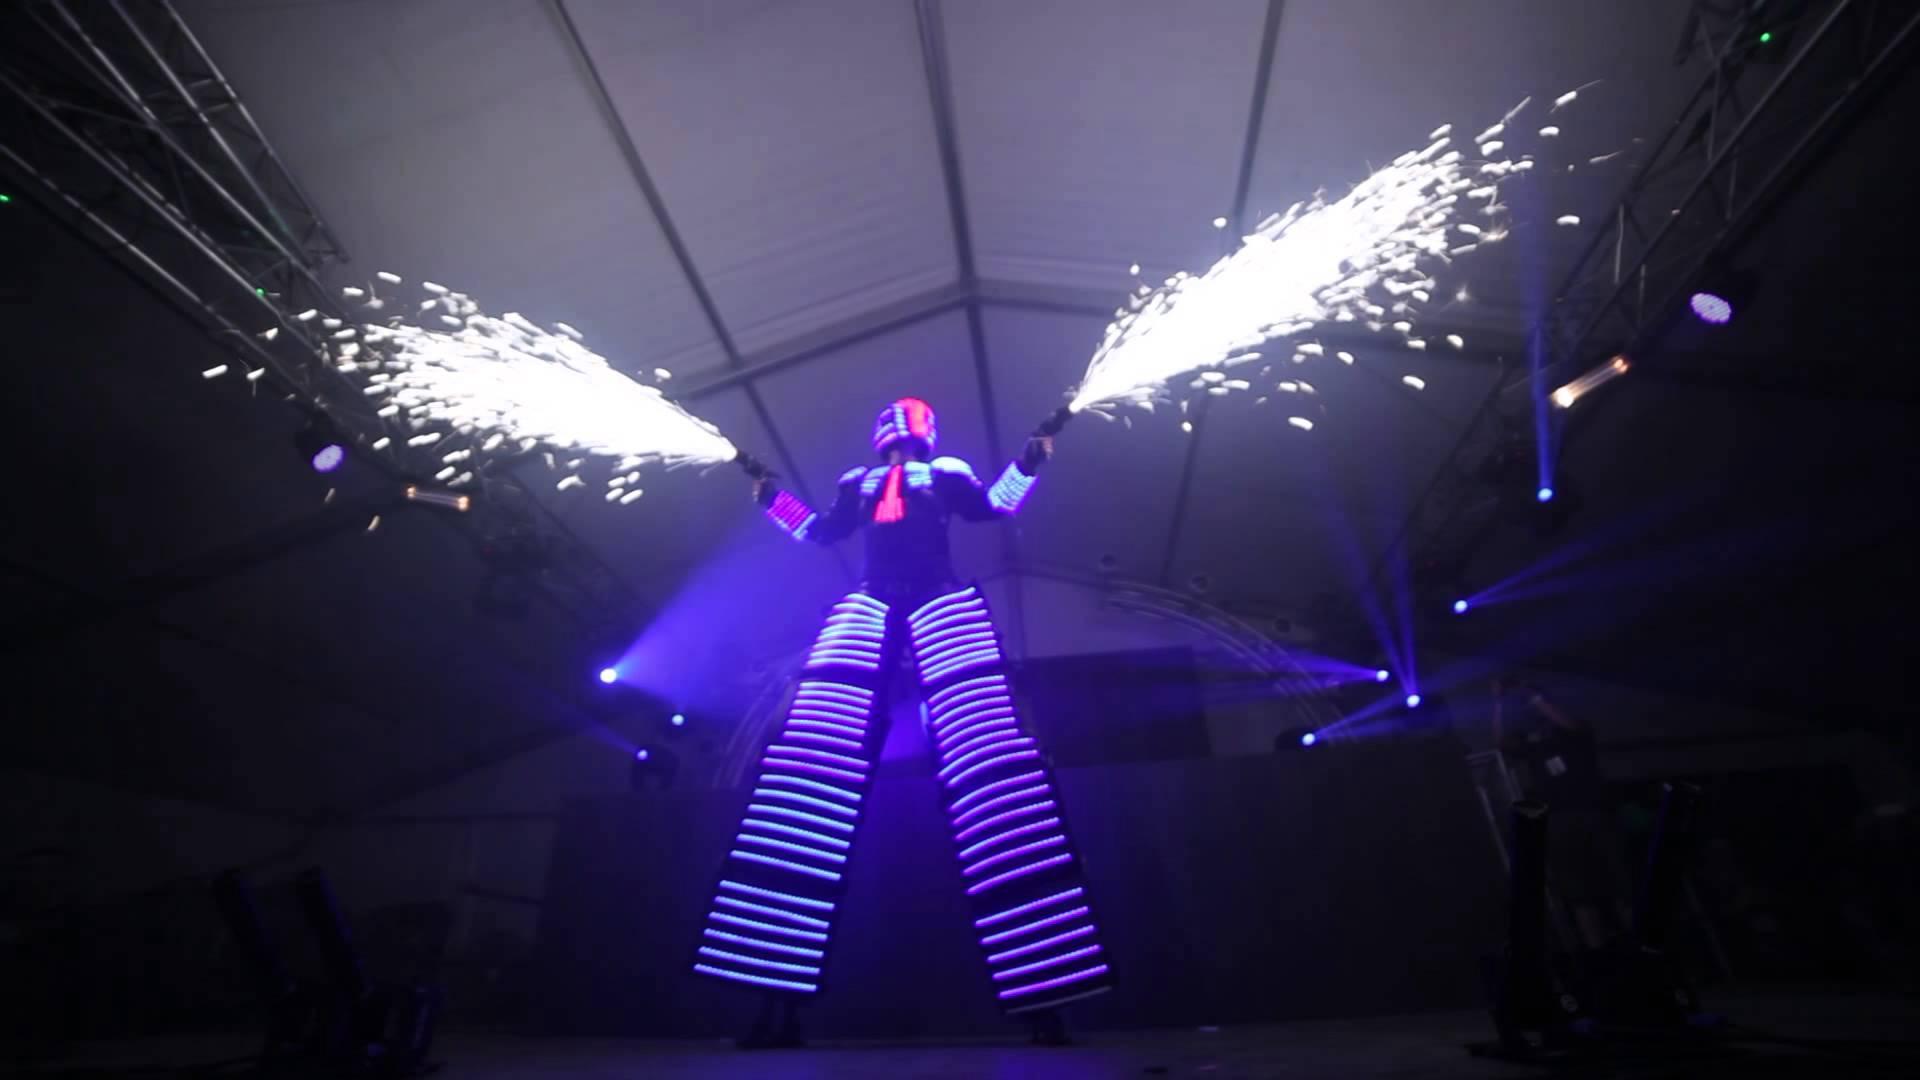 Avec des effets de lumières et d'artifices, Sparkerman devrait étonner le public polynésien.